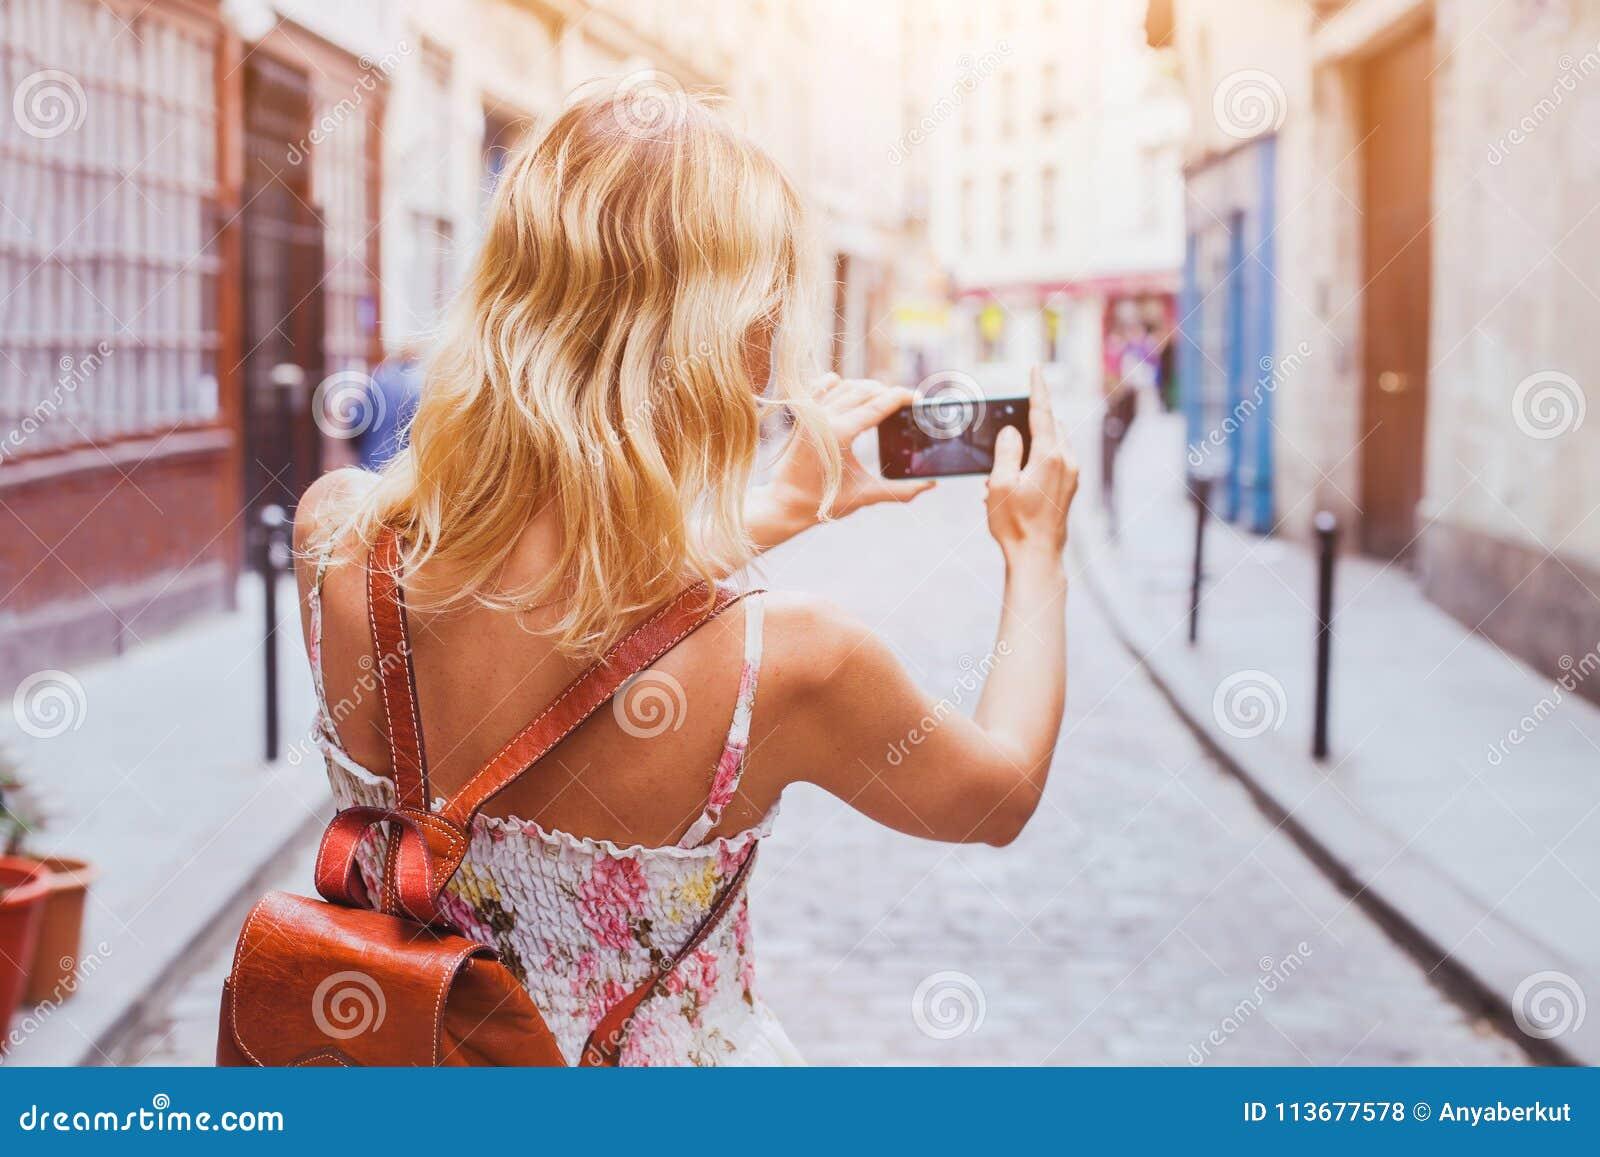 Foto que toma turística en la calle, el turismo y el viaje